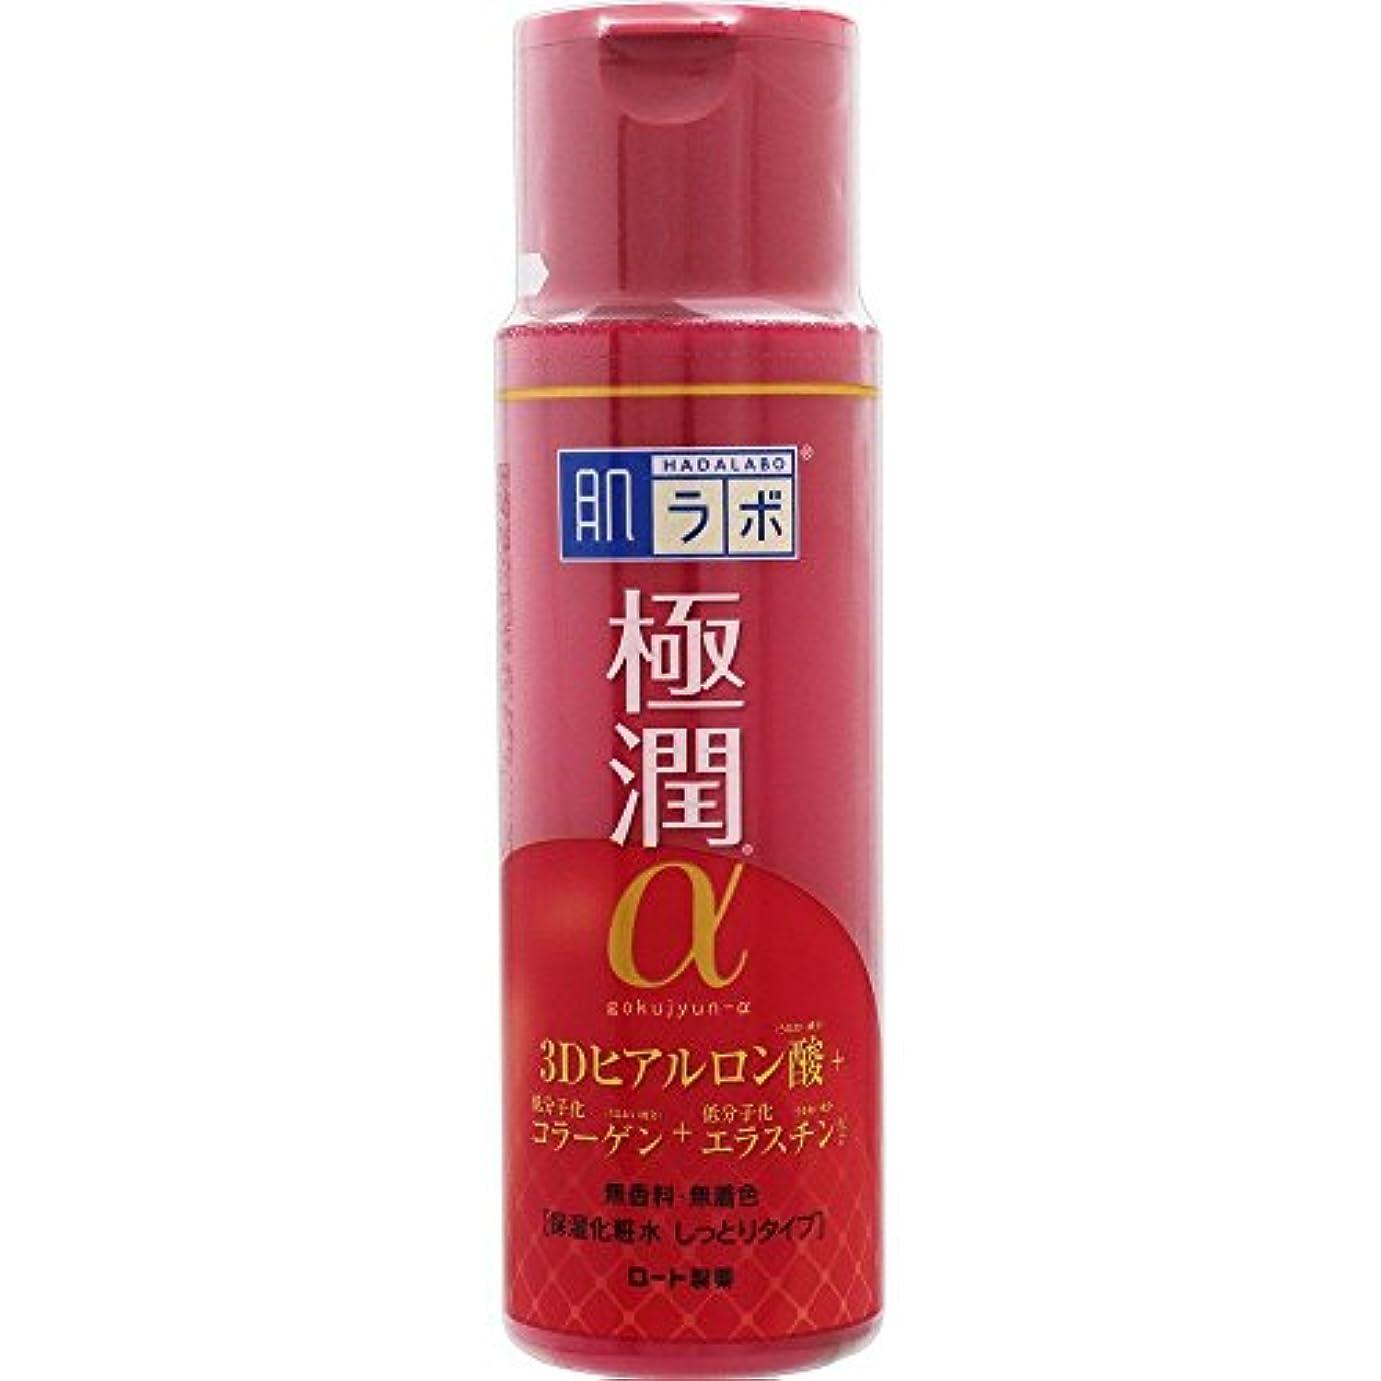 シリング防水のために肌ラボ 極潤α ハリ化粧水しっとりタイプ 170mL